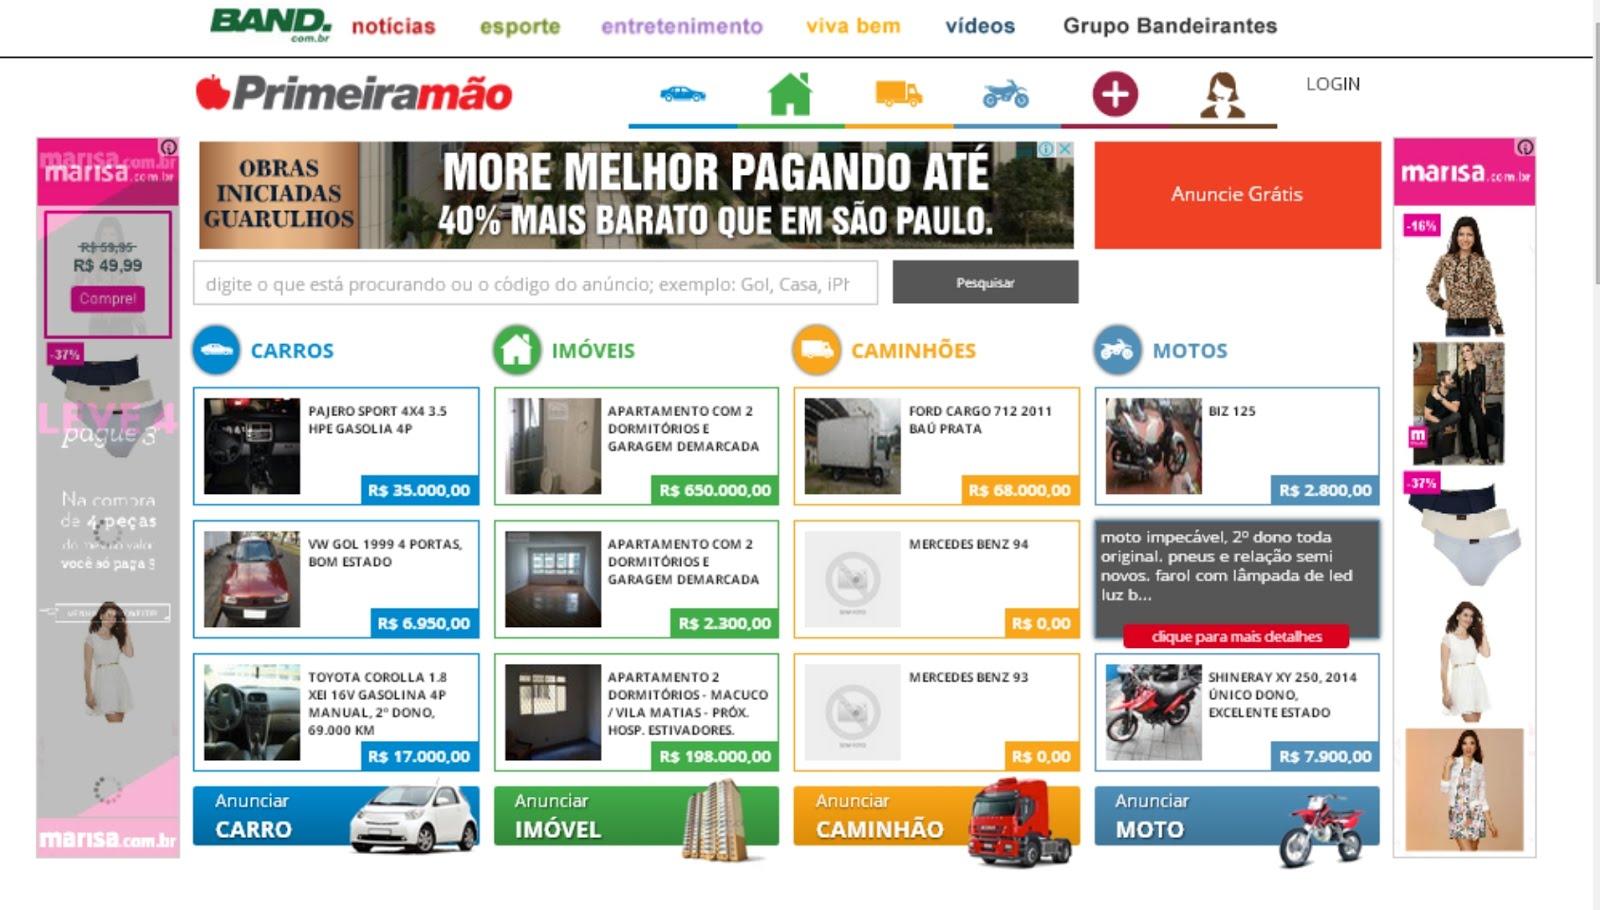 www.primeiramao.com.br/santos